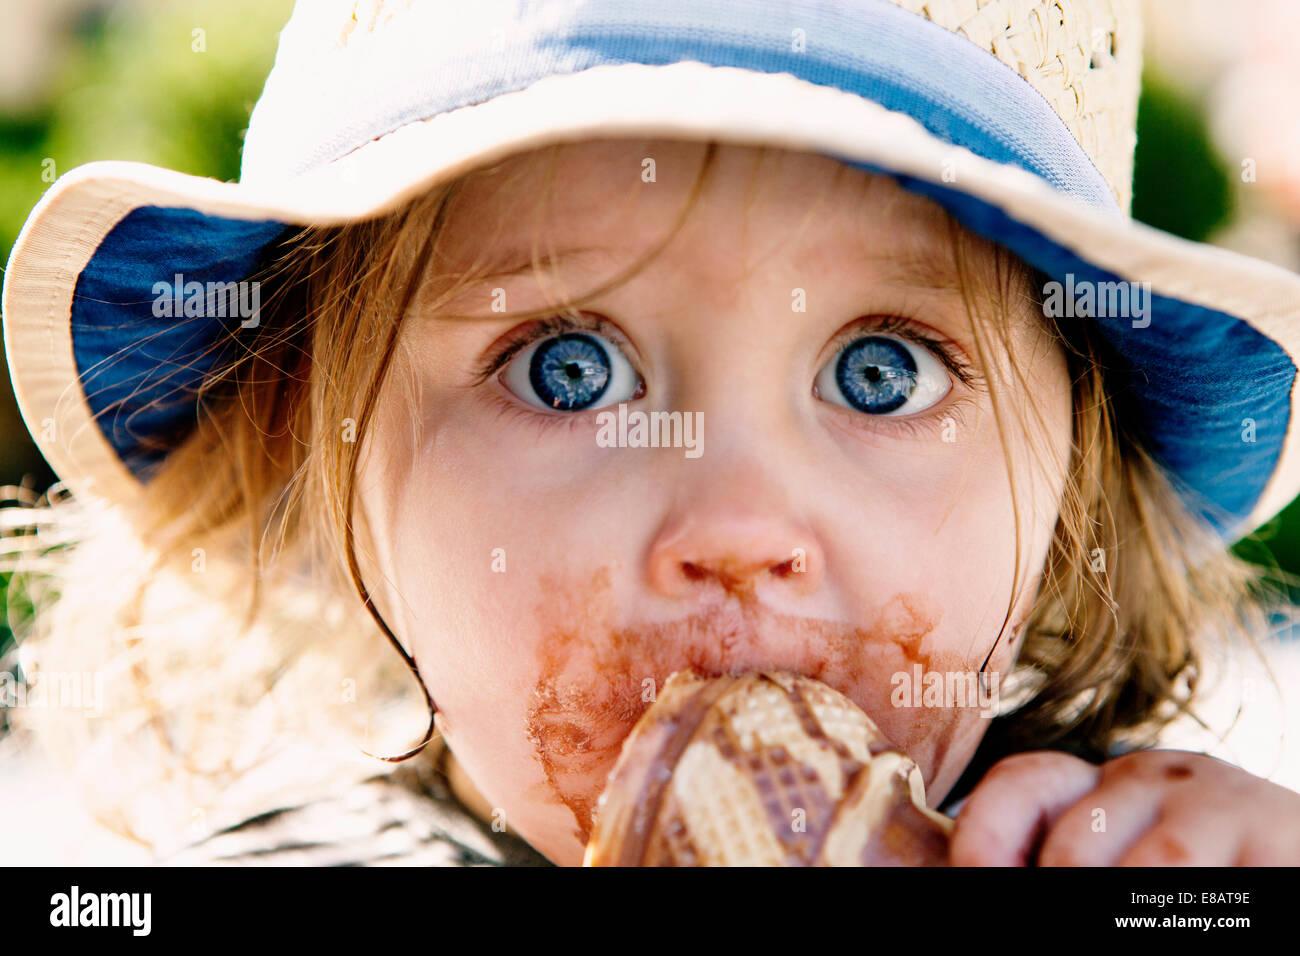 Niña comer helado Imagen De Stock